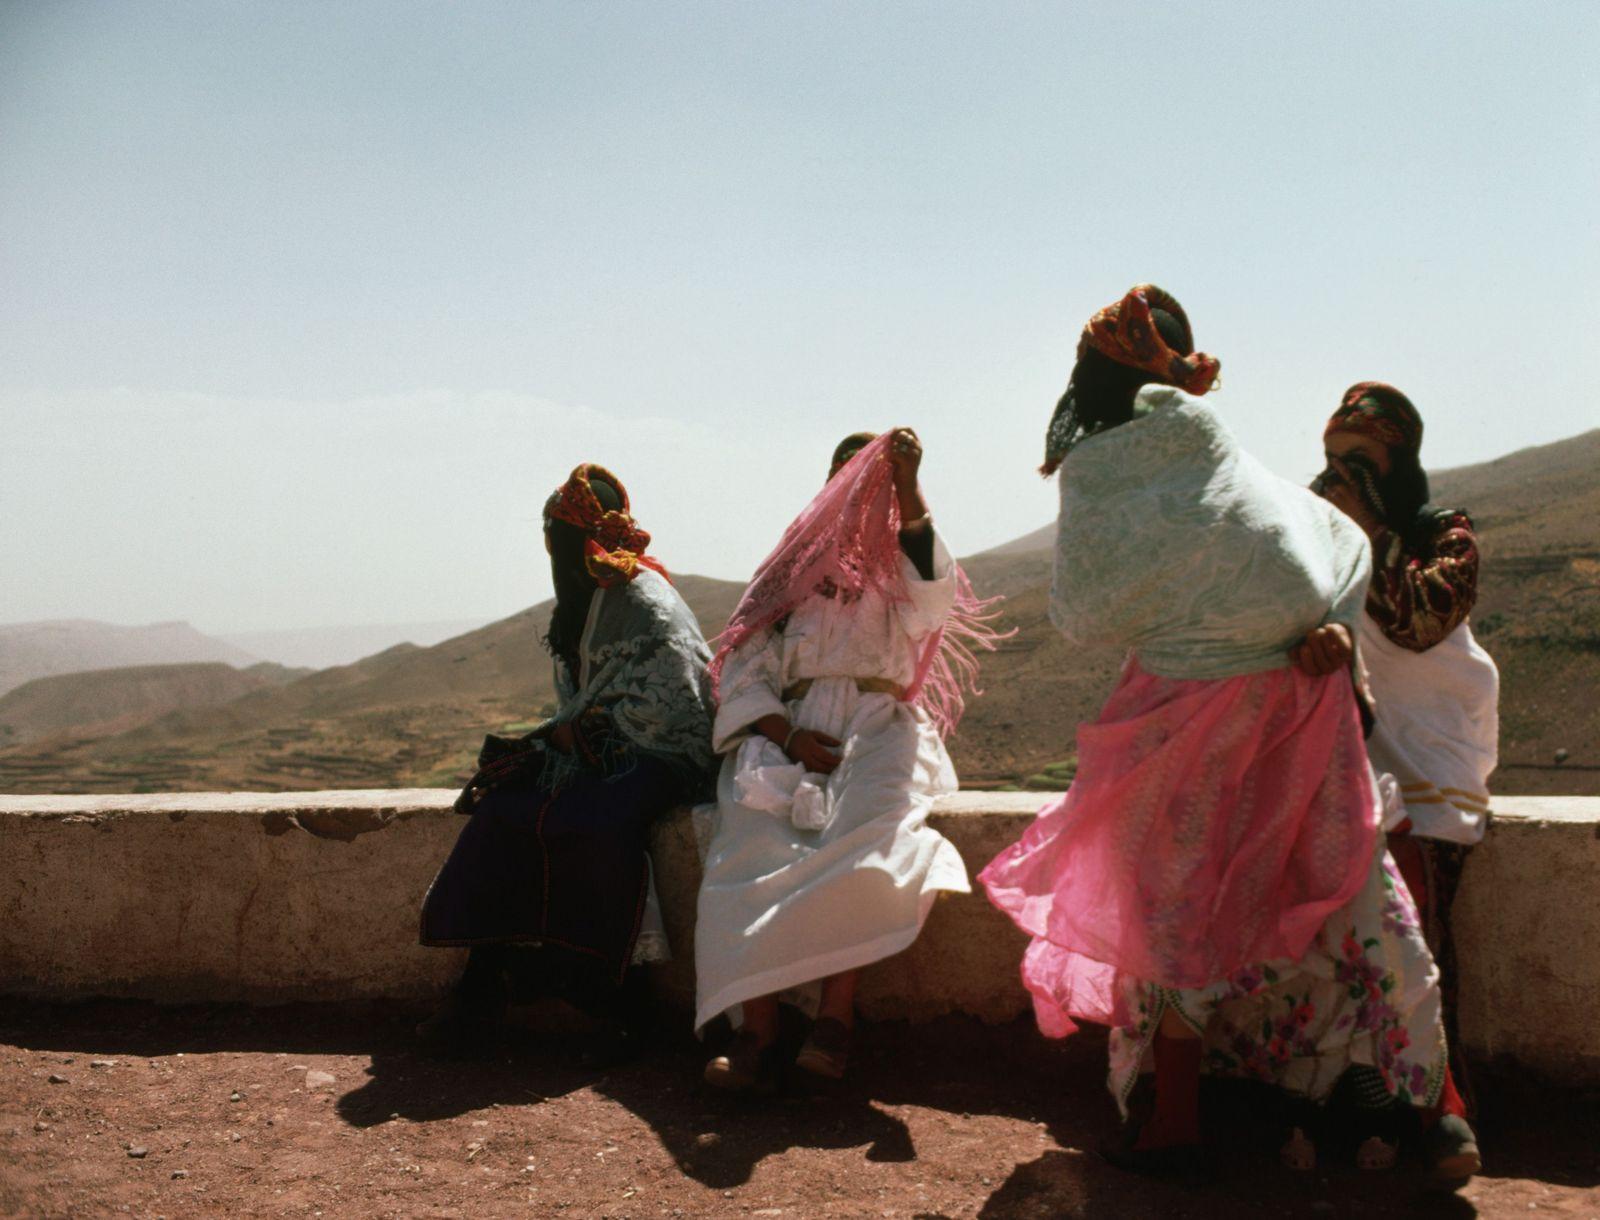 NICHT MEHR VERWENDEN! - Berber-Frauen / Marokko